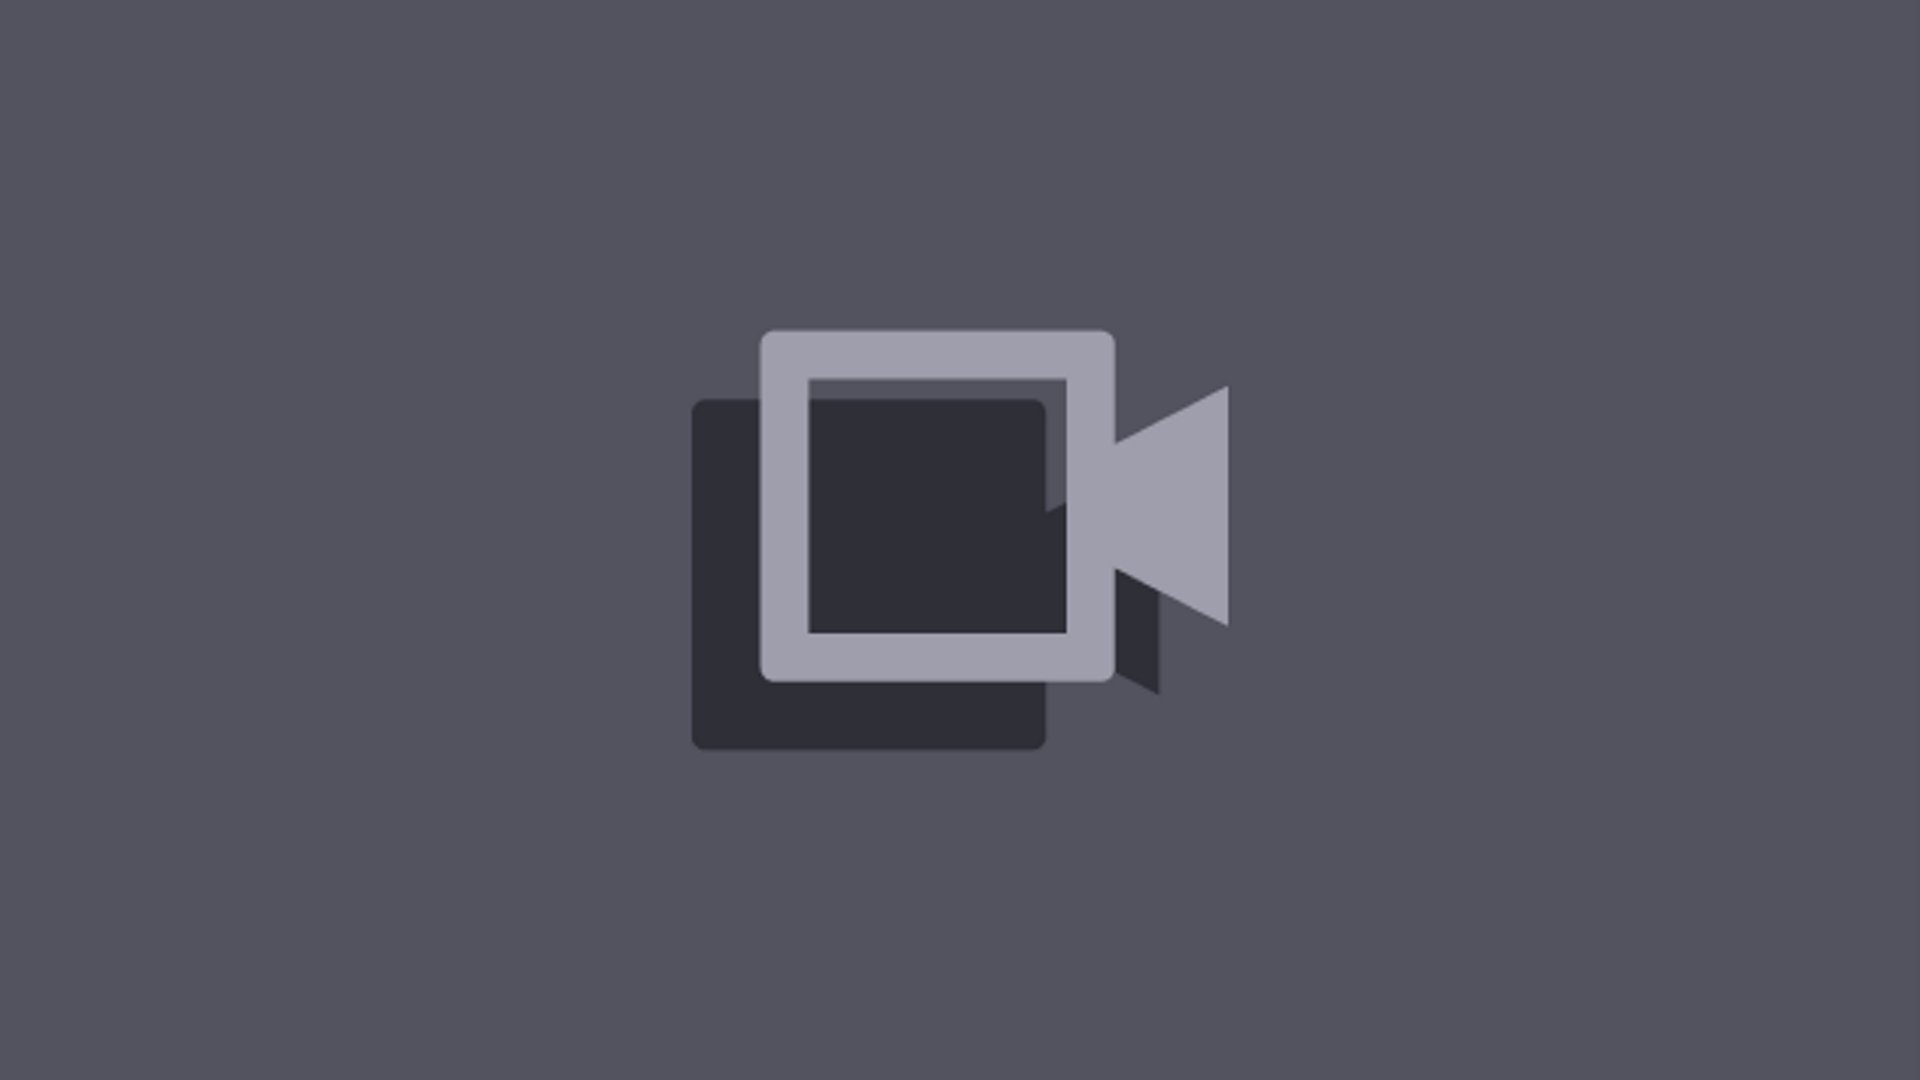 【小烈娛樂台】SGlory 與 SPTS 戰隊交流賽 kof5